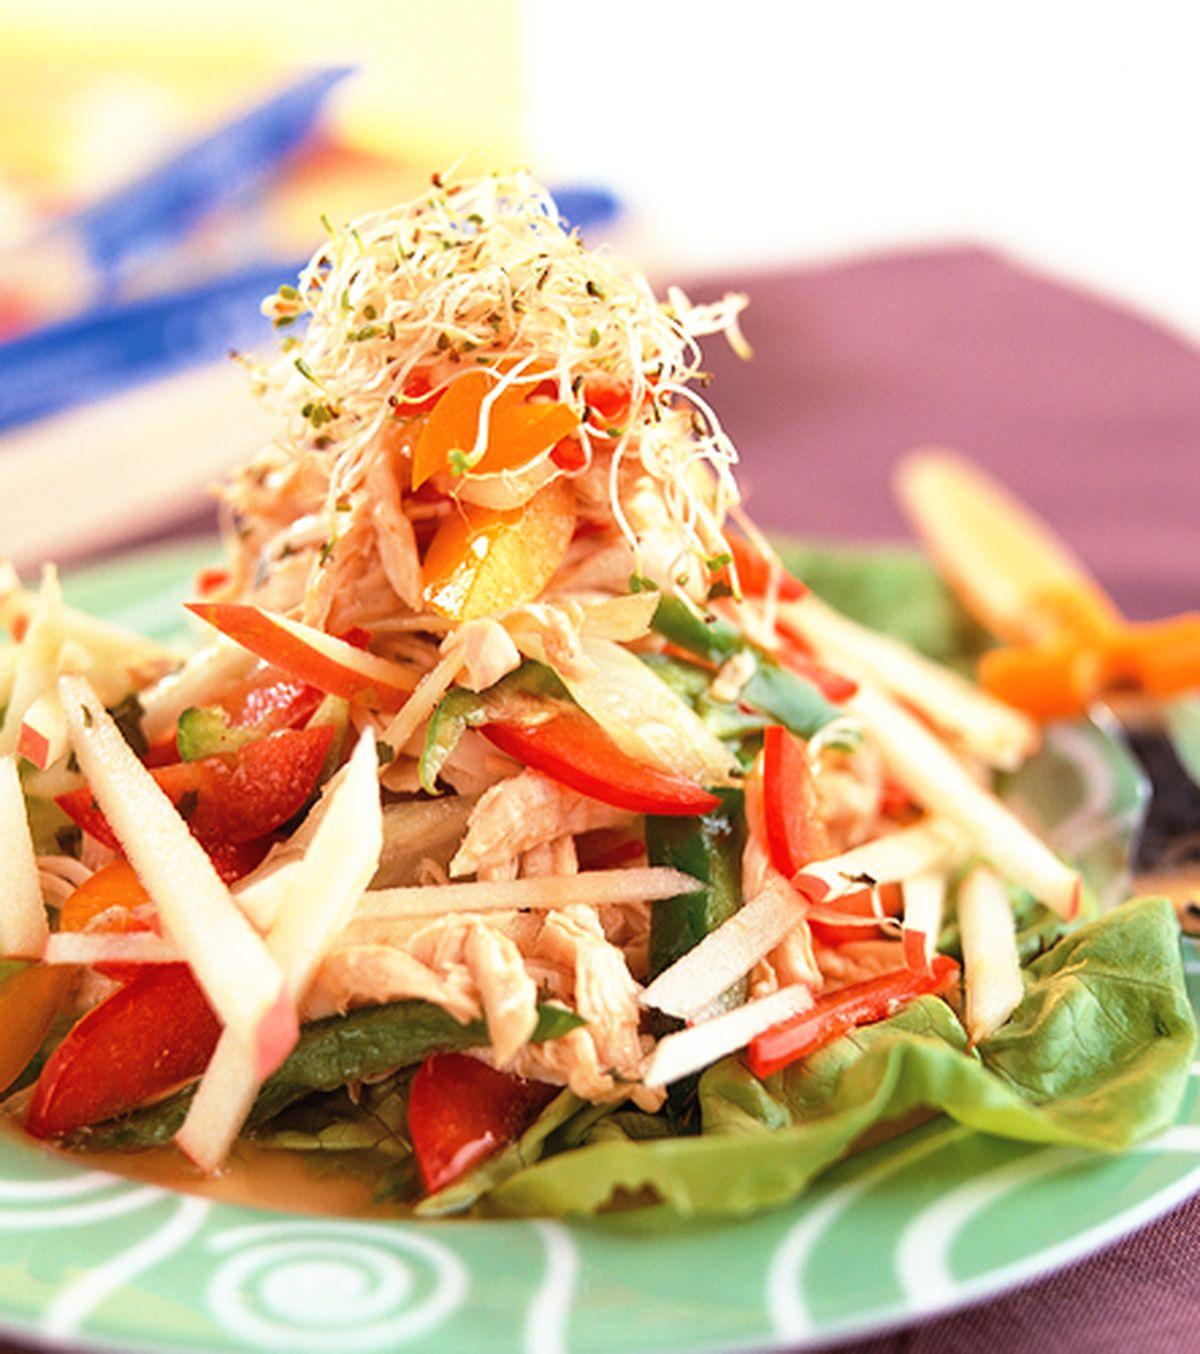 食譜:蘋果雞絲沙拉